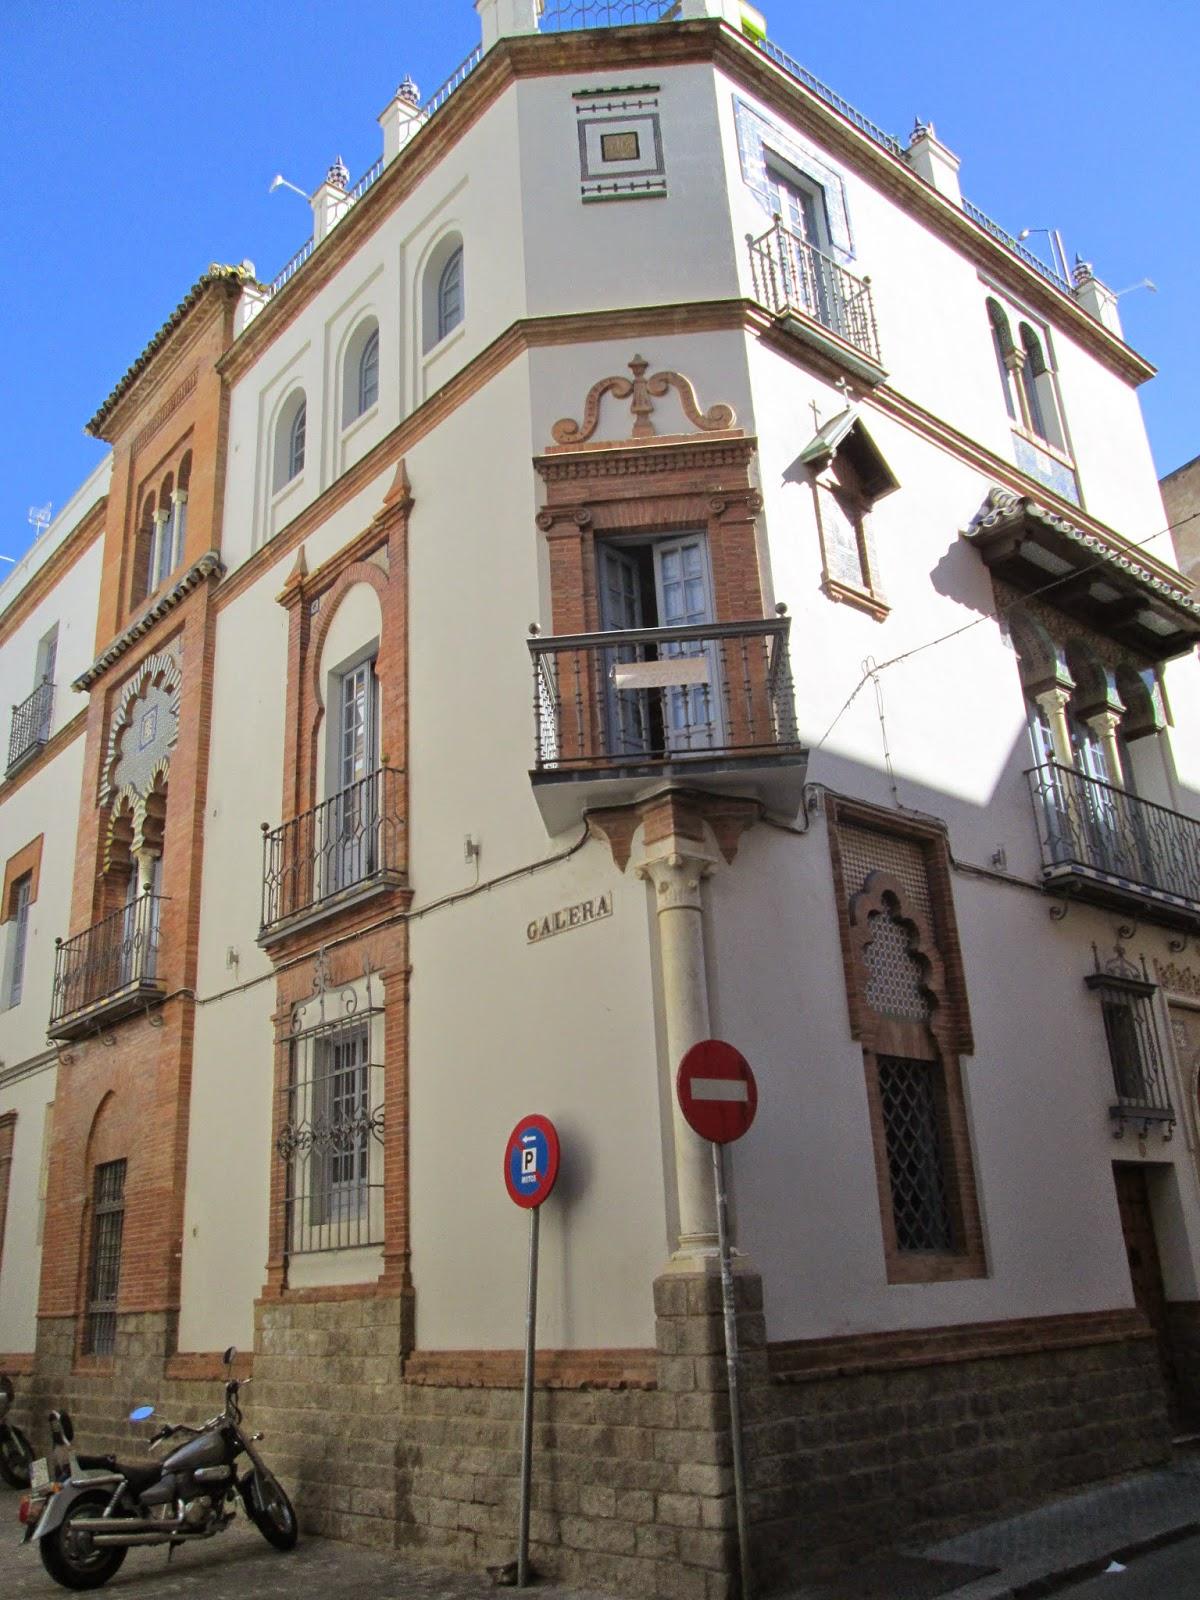 Declaraci n de intenciones la arquitectura regionalista - Casas en almansa ...